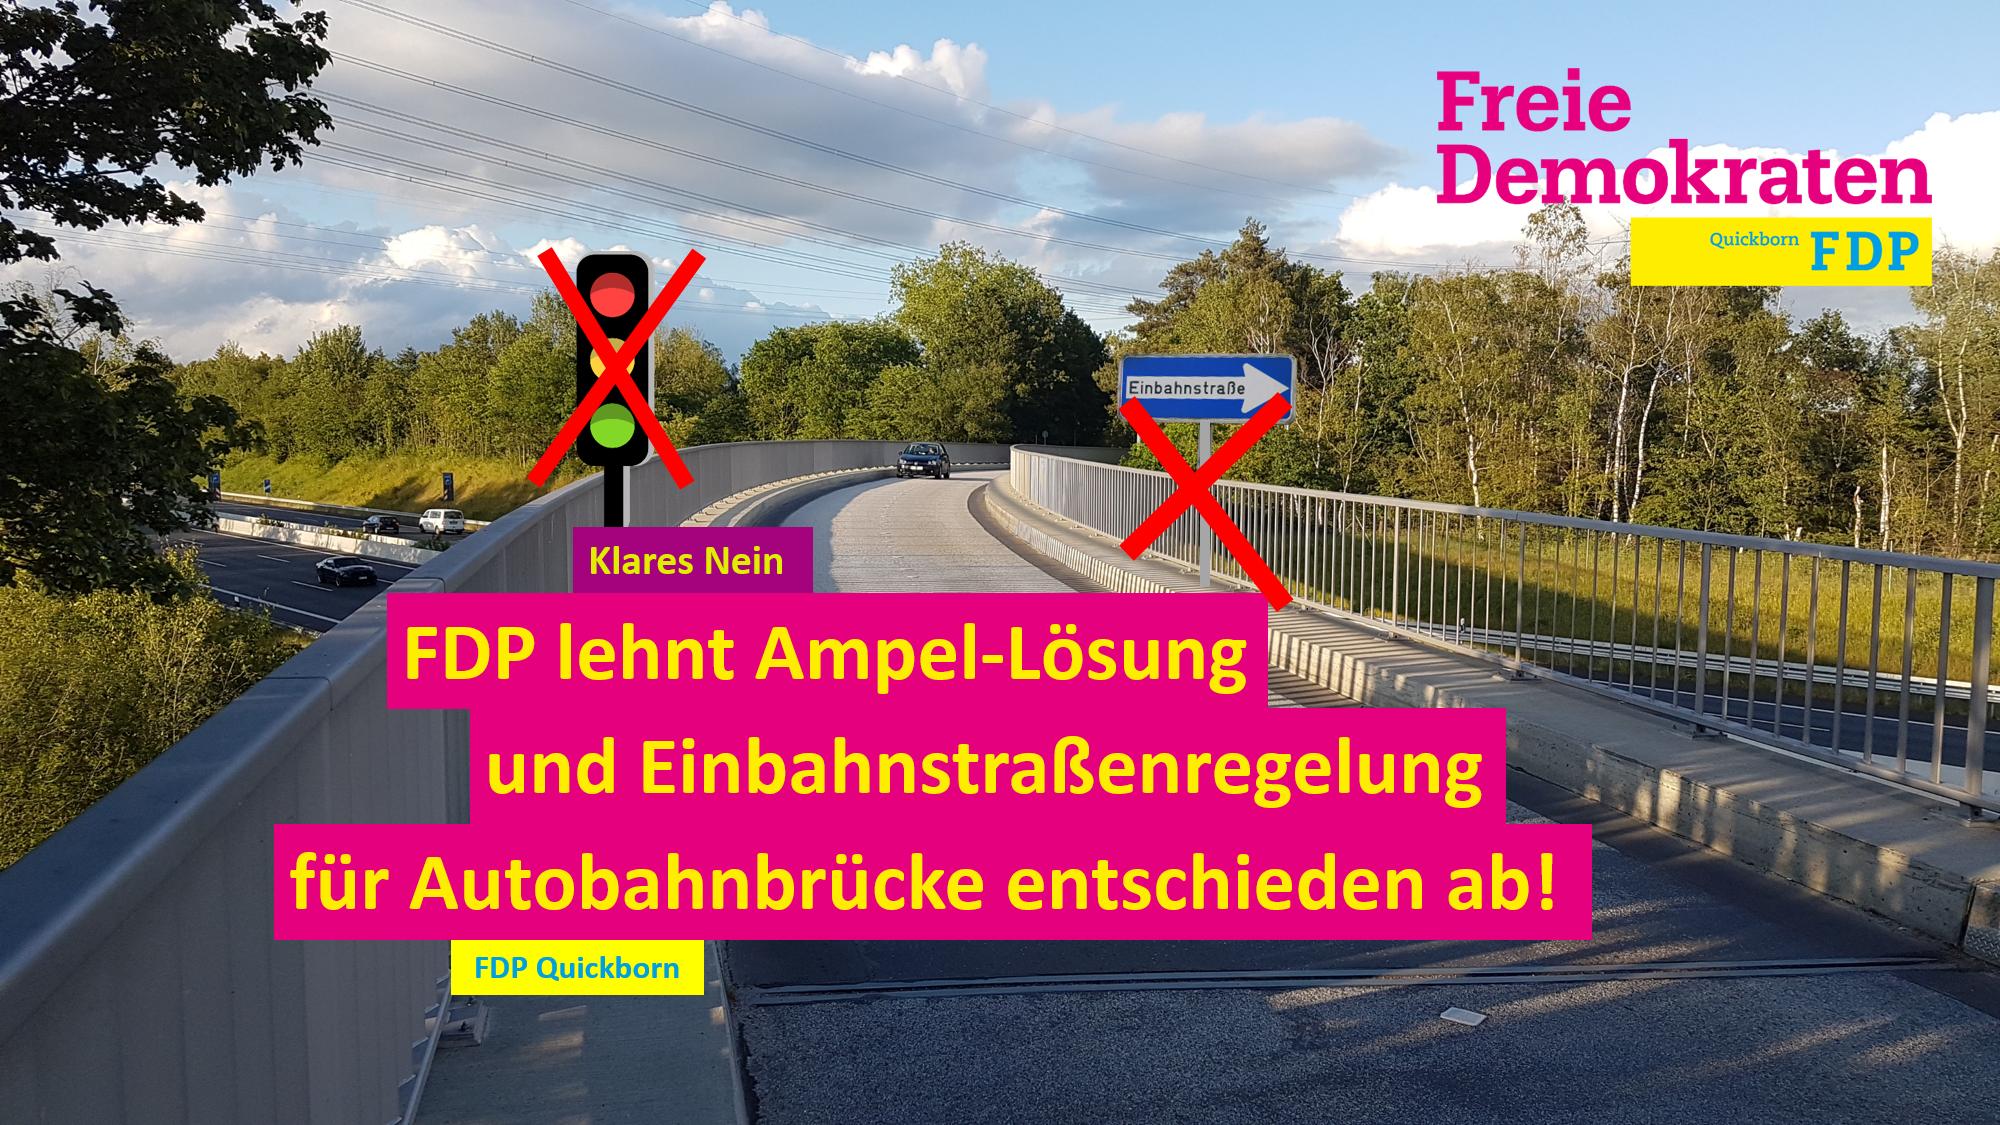 FDP lehnt Ampel-Lösung und Einbahnstraßenregelung für Autobahnbrücke entschieden ab und fordert Bürgermeister zum Handeln auf!